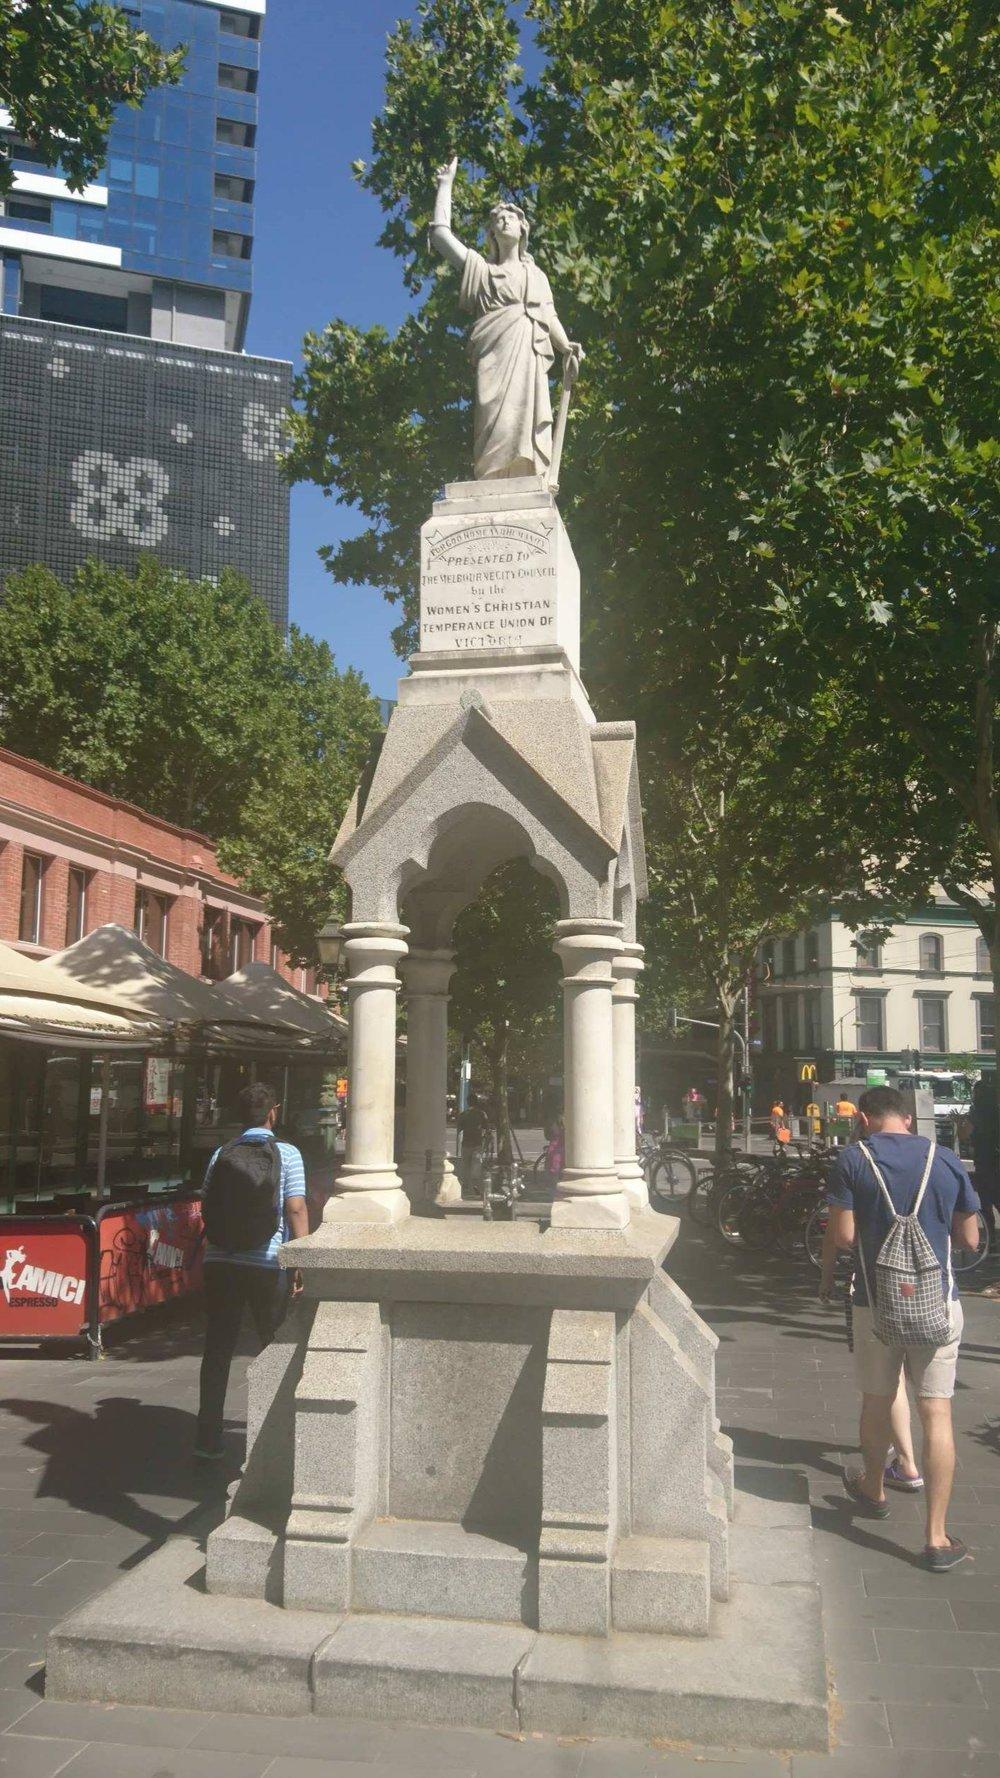 Statue commemorating the WCTUA in Melbourne